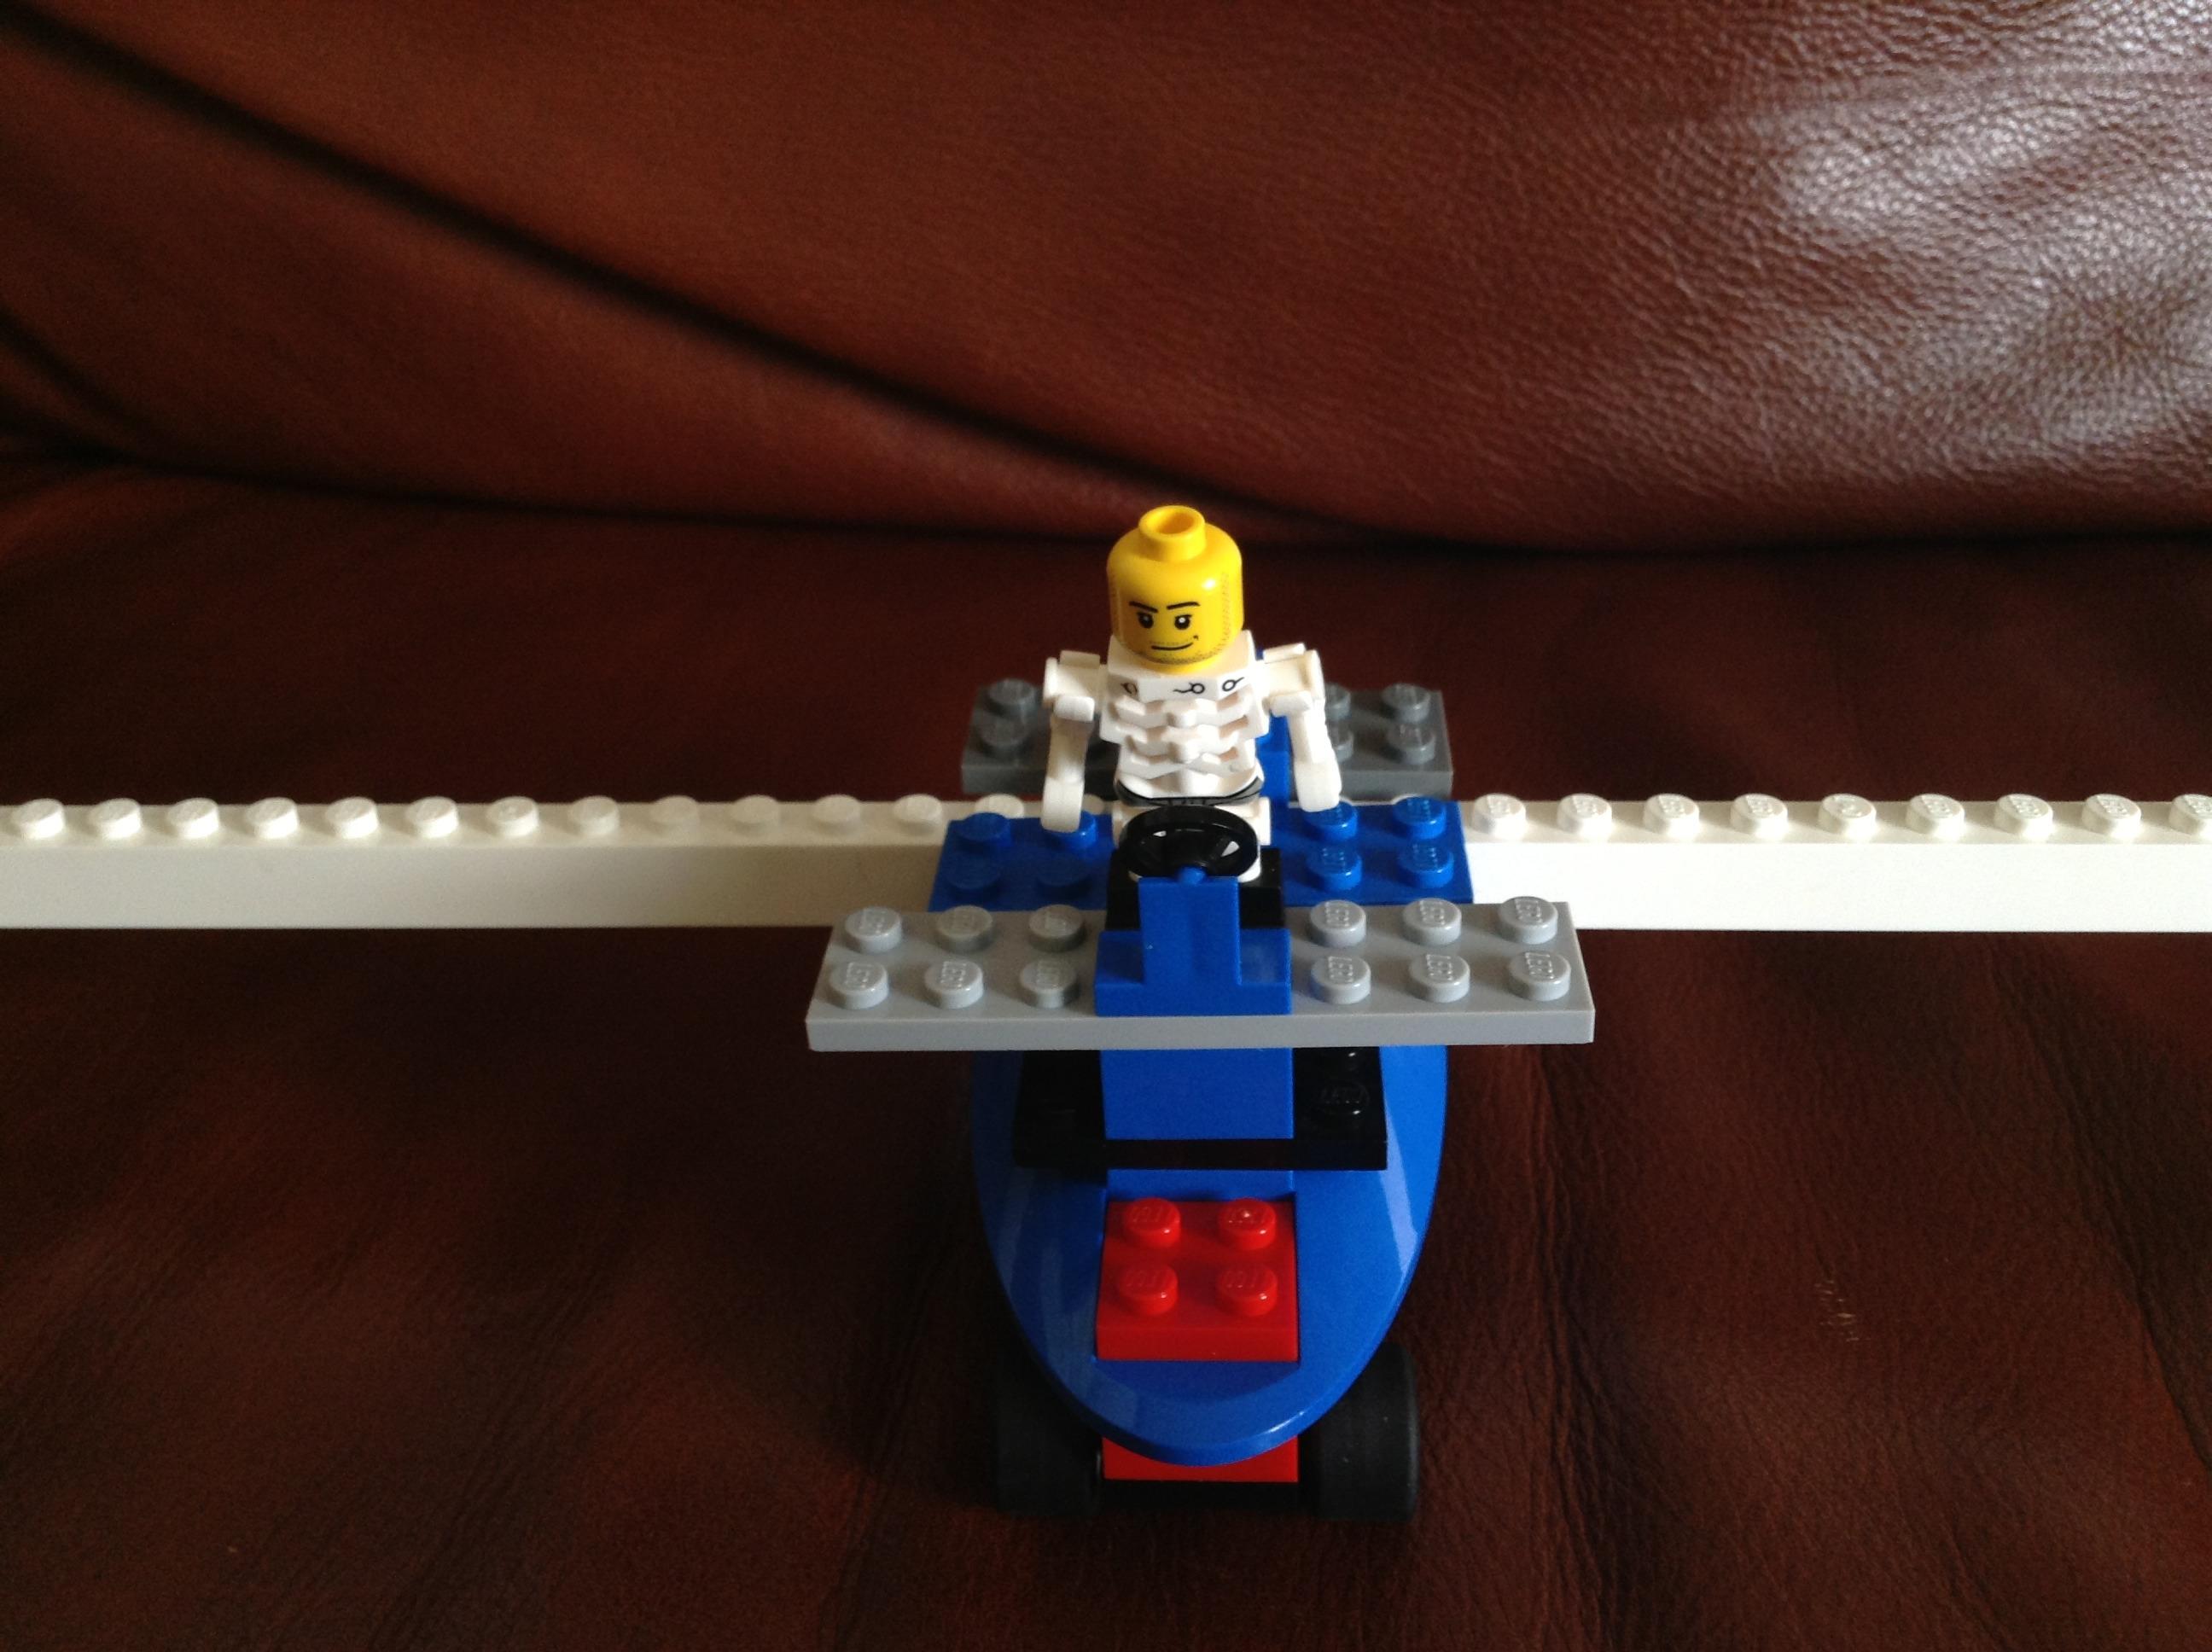 A Lego Air Plane Car